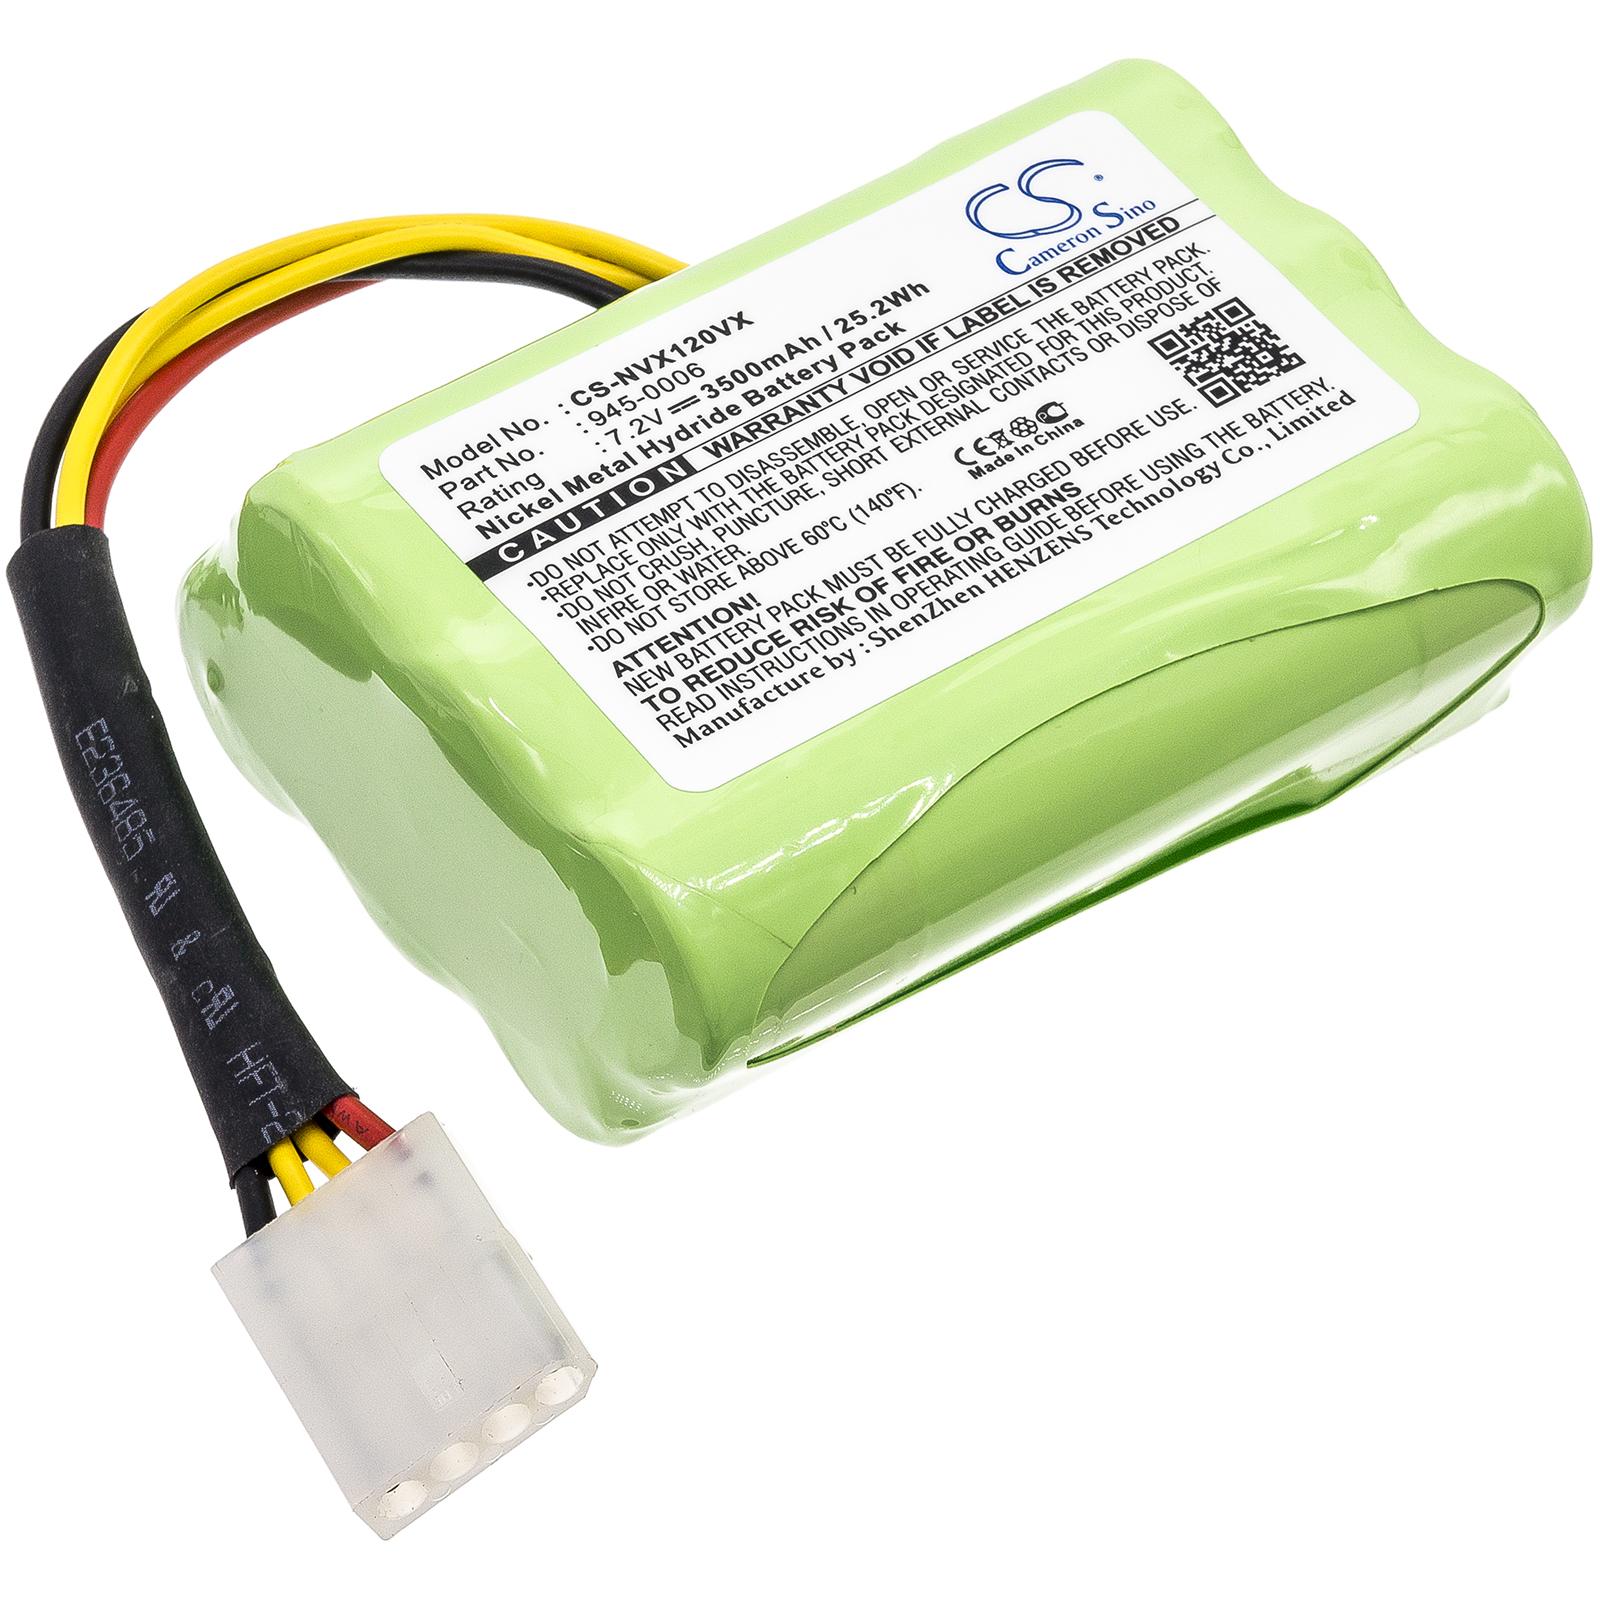 Cameron Sino baterie do vysavačů pro NEATO XV-14 7.2V Ni-MH 3500mAh zelená - neoriginální